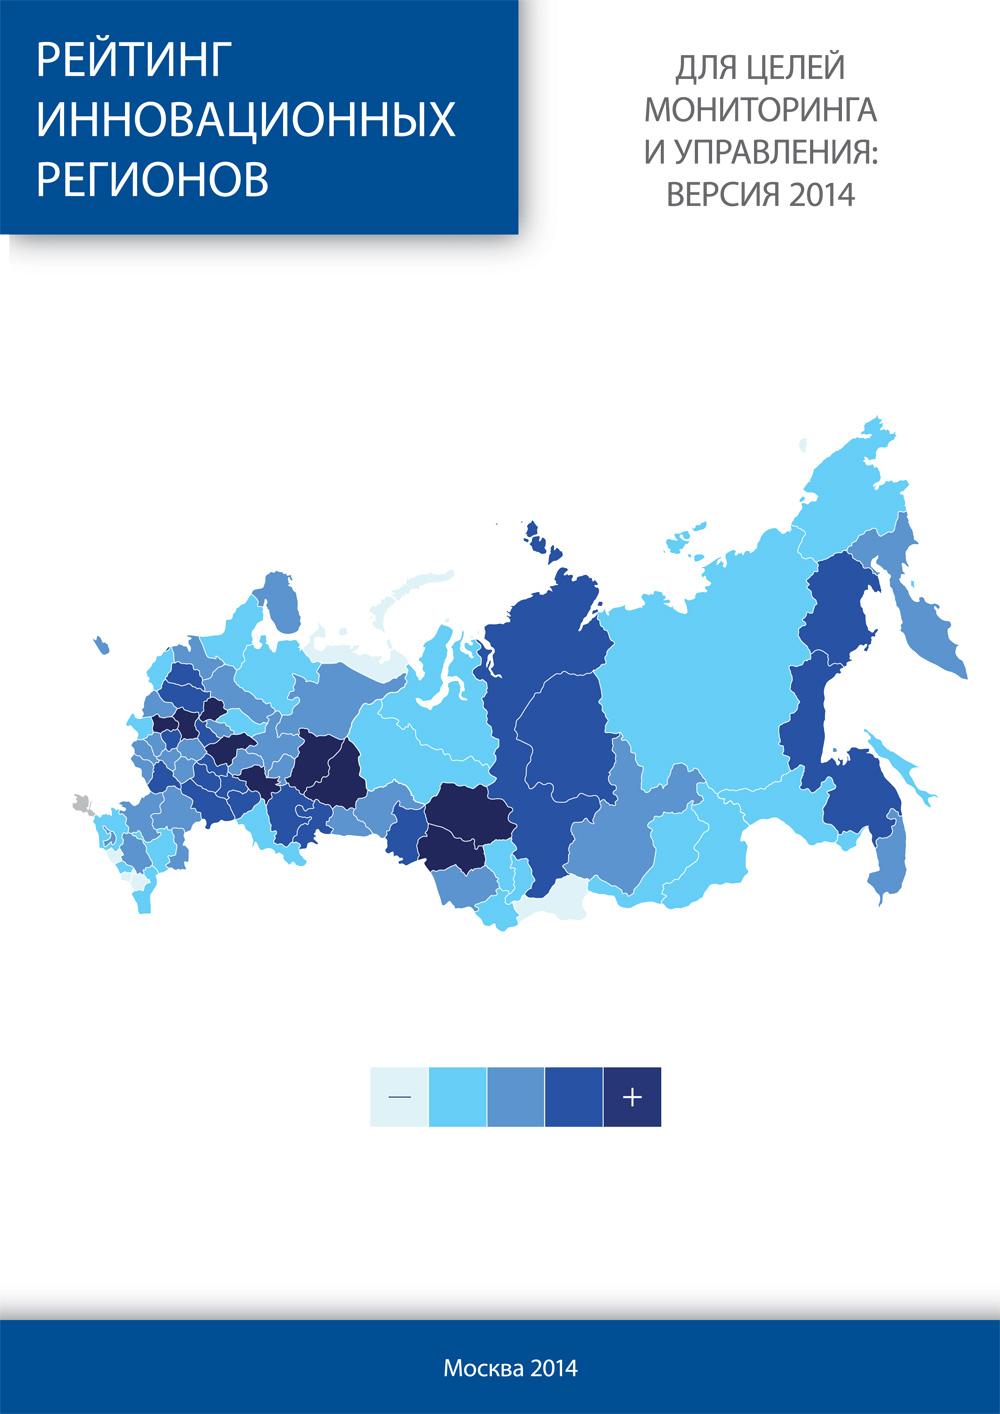 Рейтинг инновационных регионов России 2014